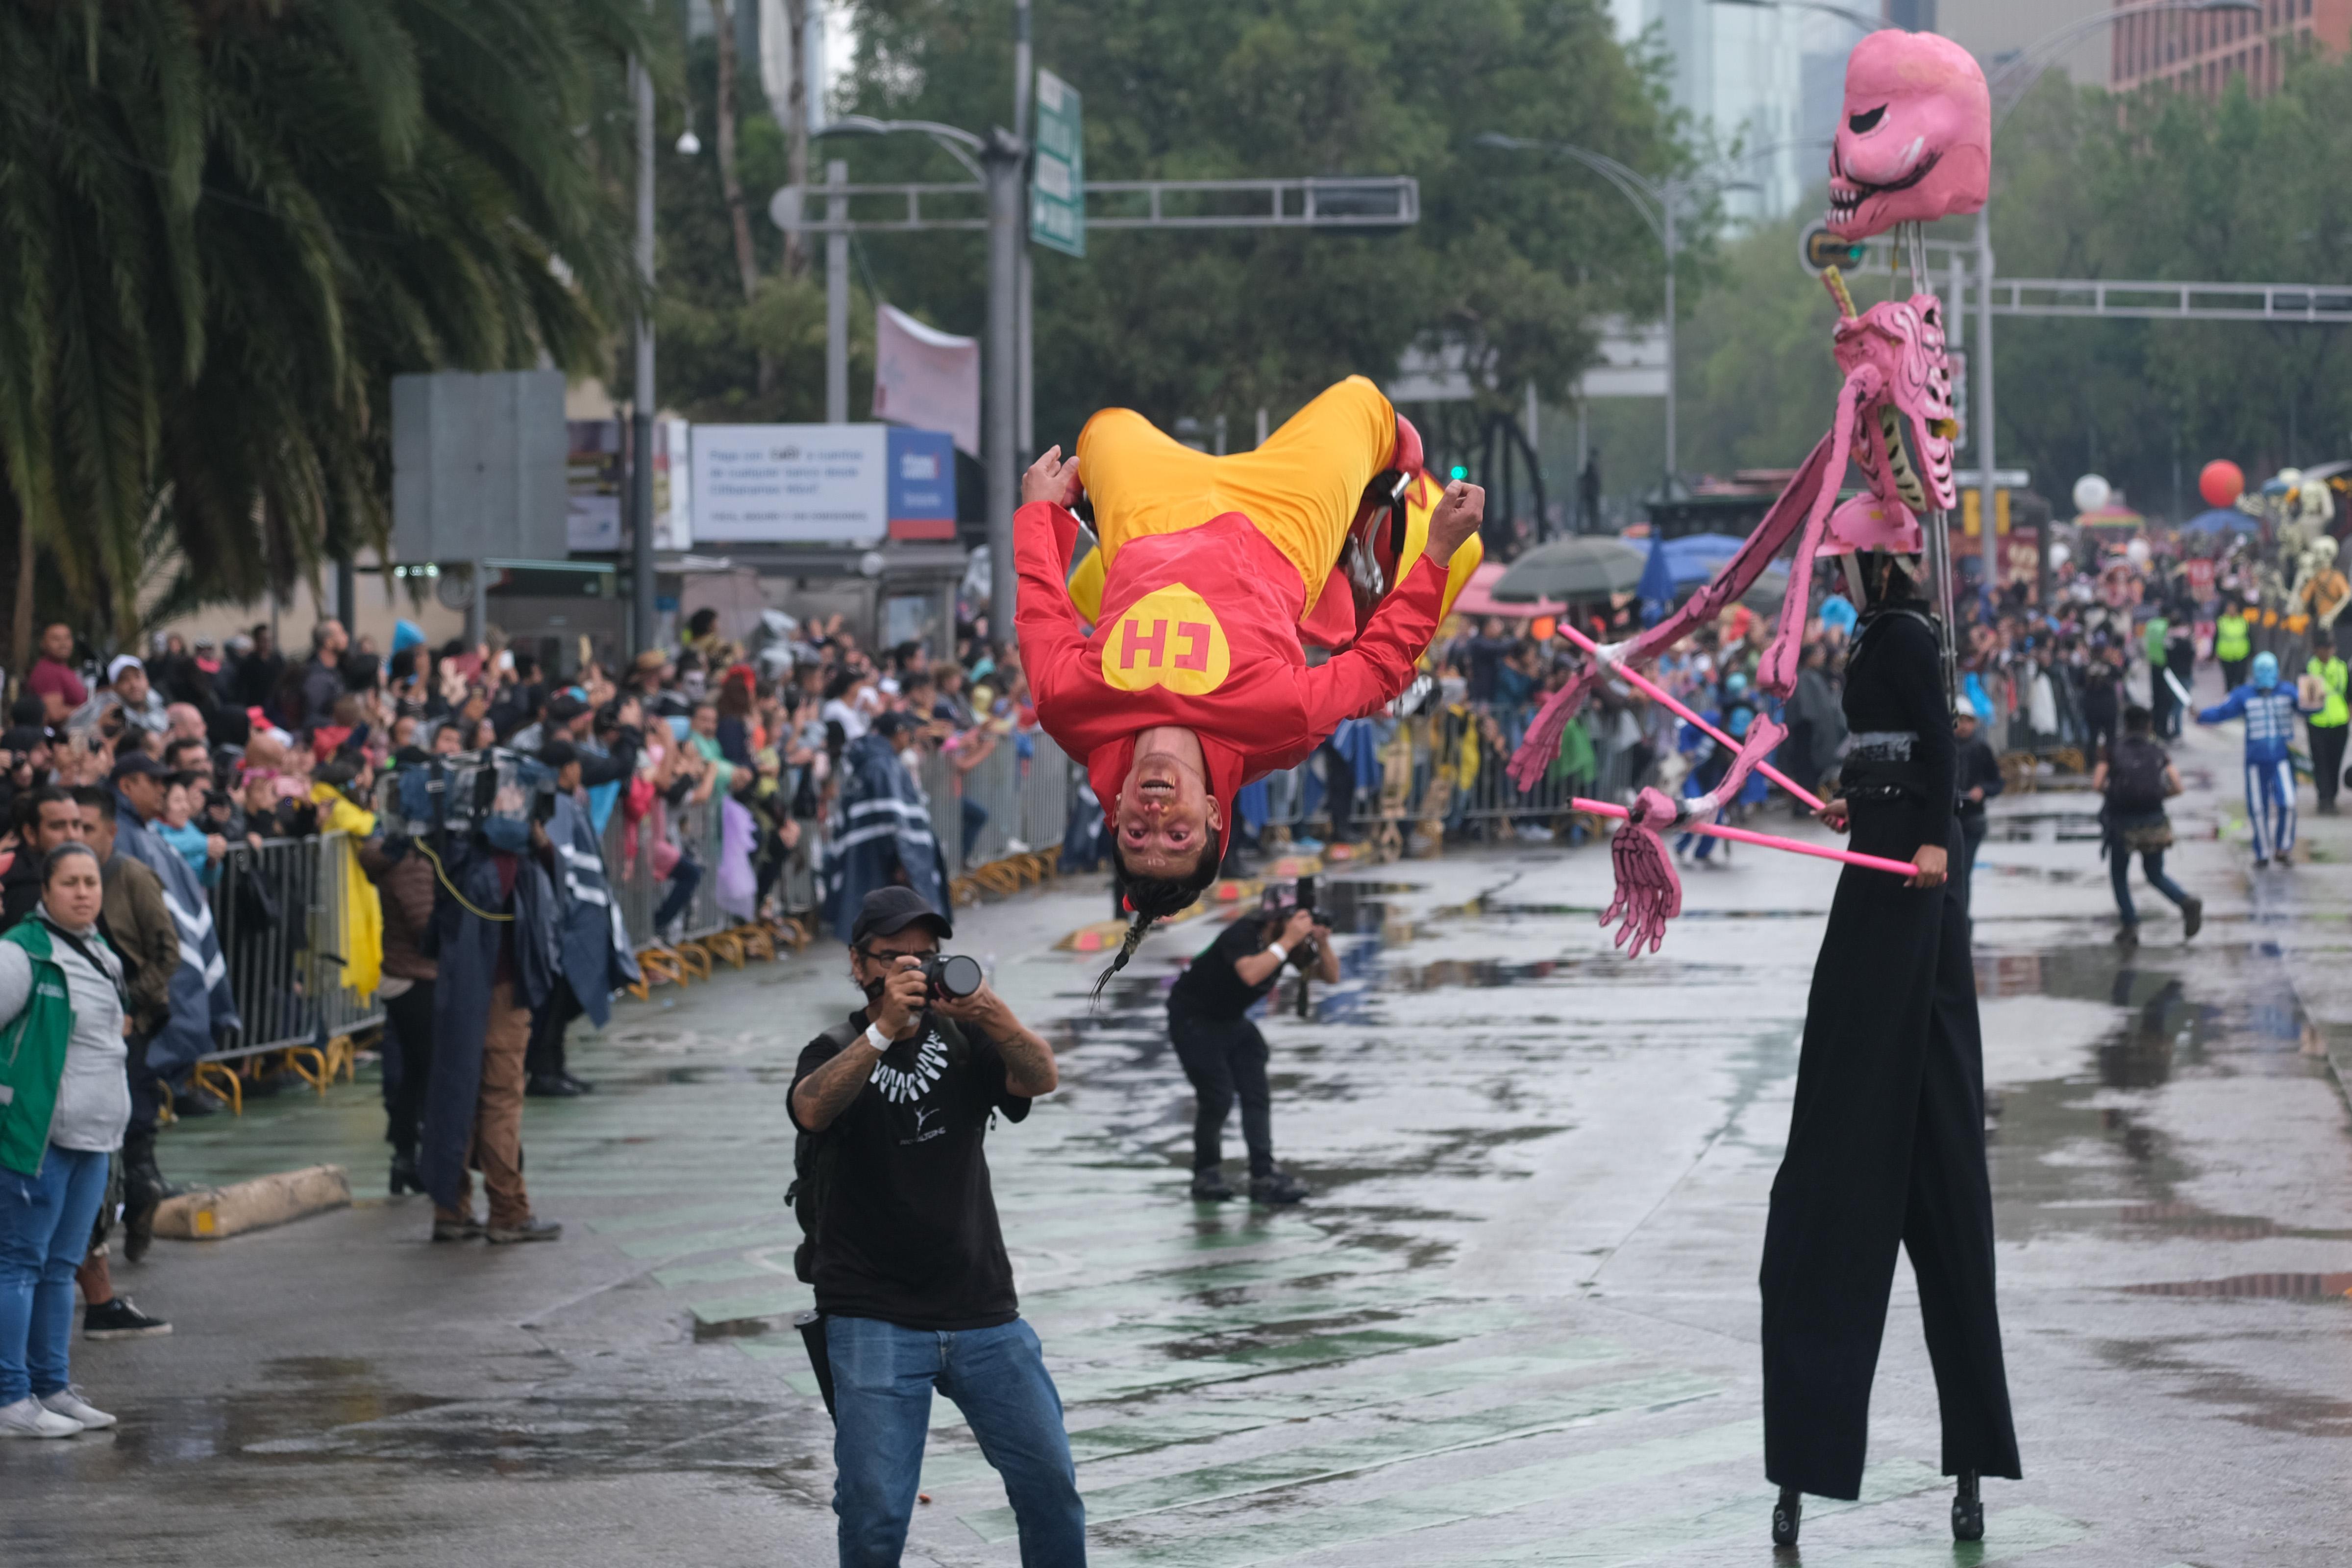 Bailarines también llegaron disfrazados de personajes de la cultura popular mexicana (Foto: Graciela López/Cuartoscuro)